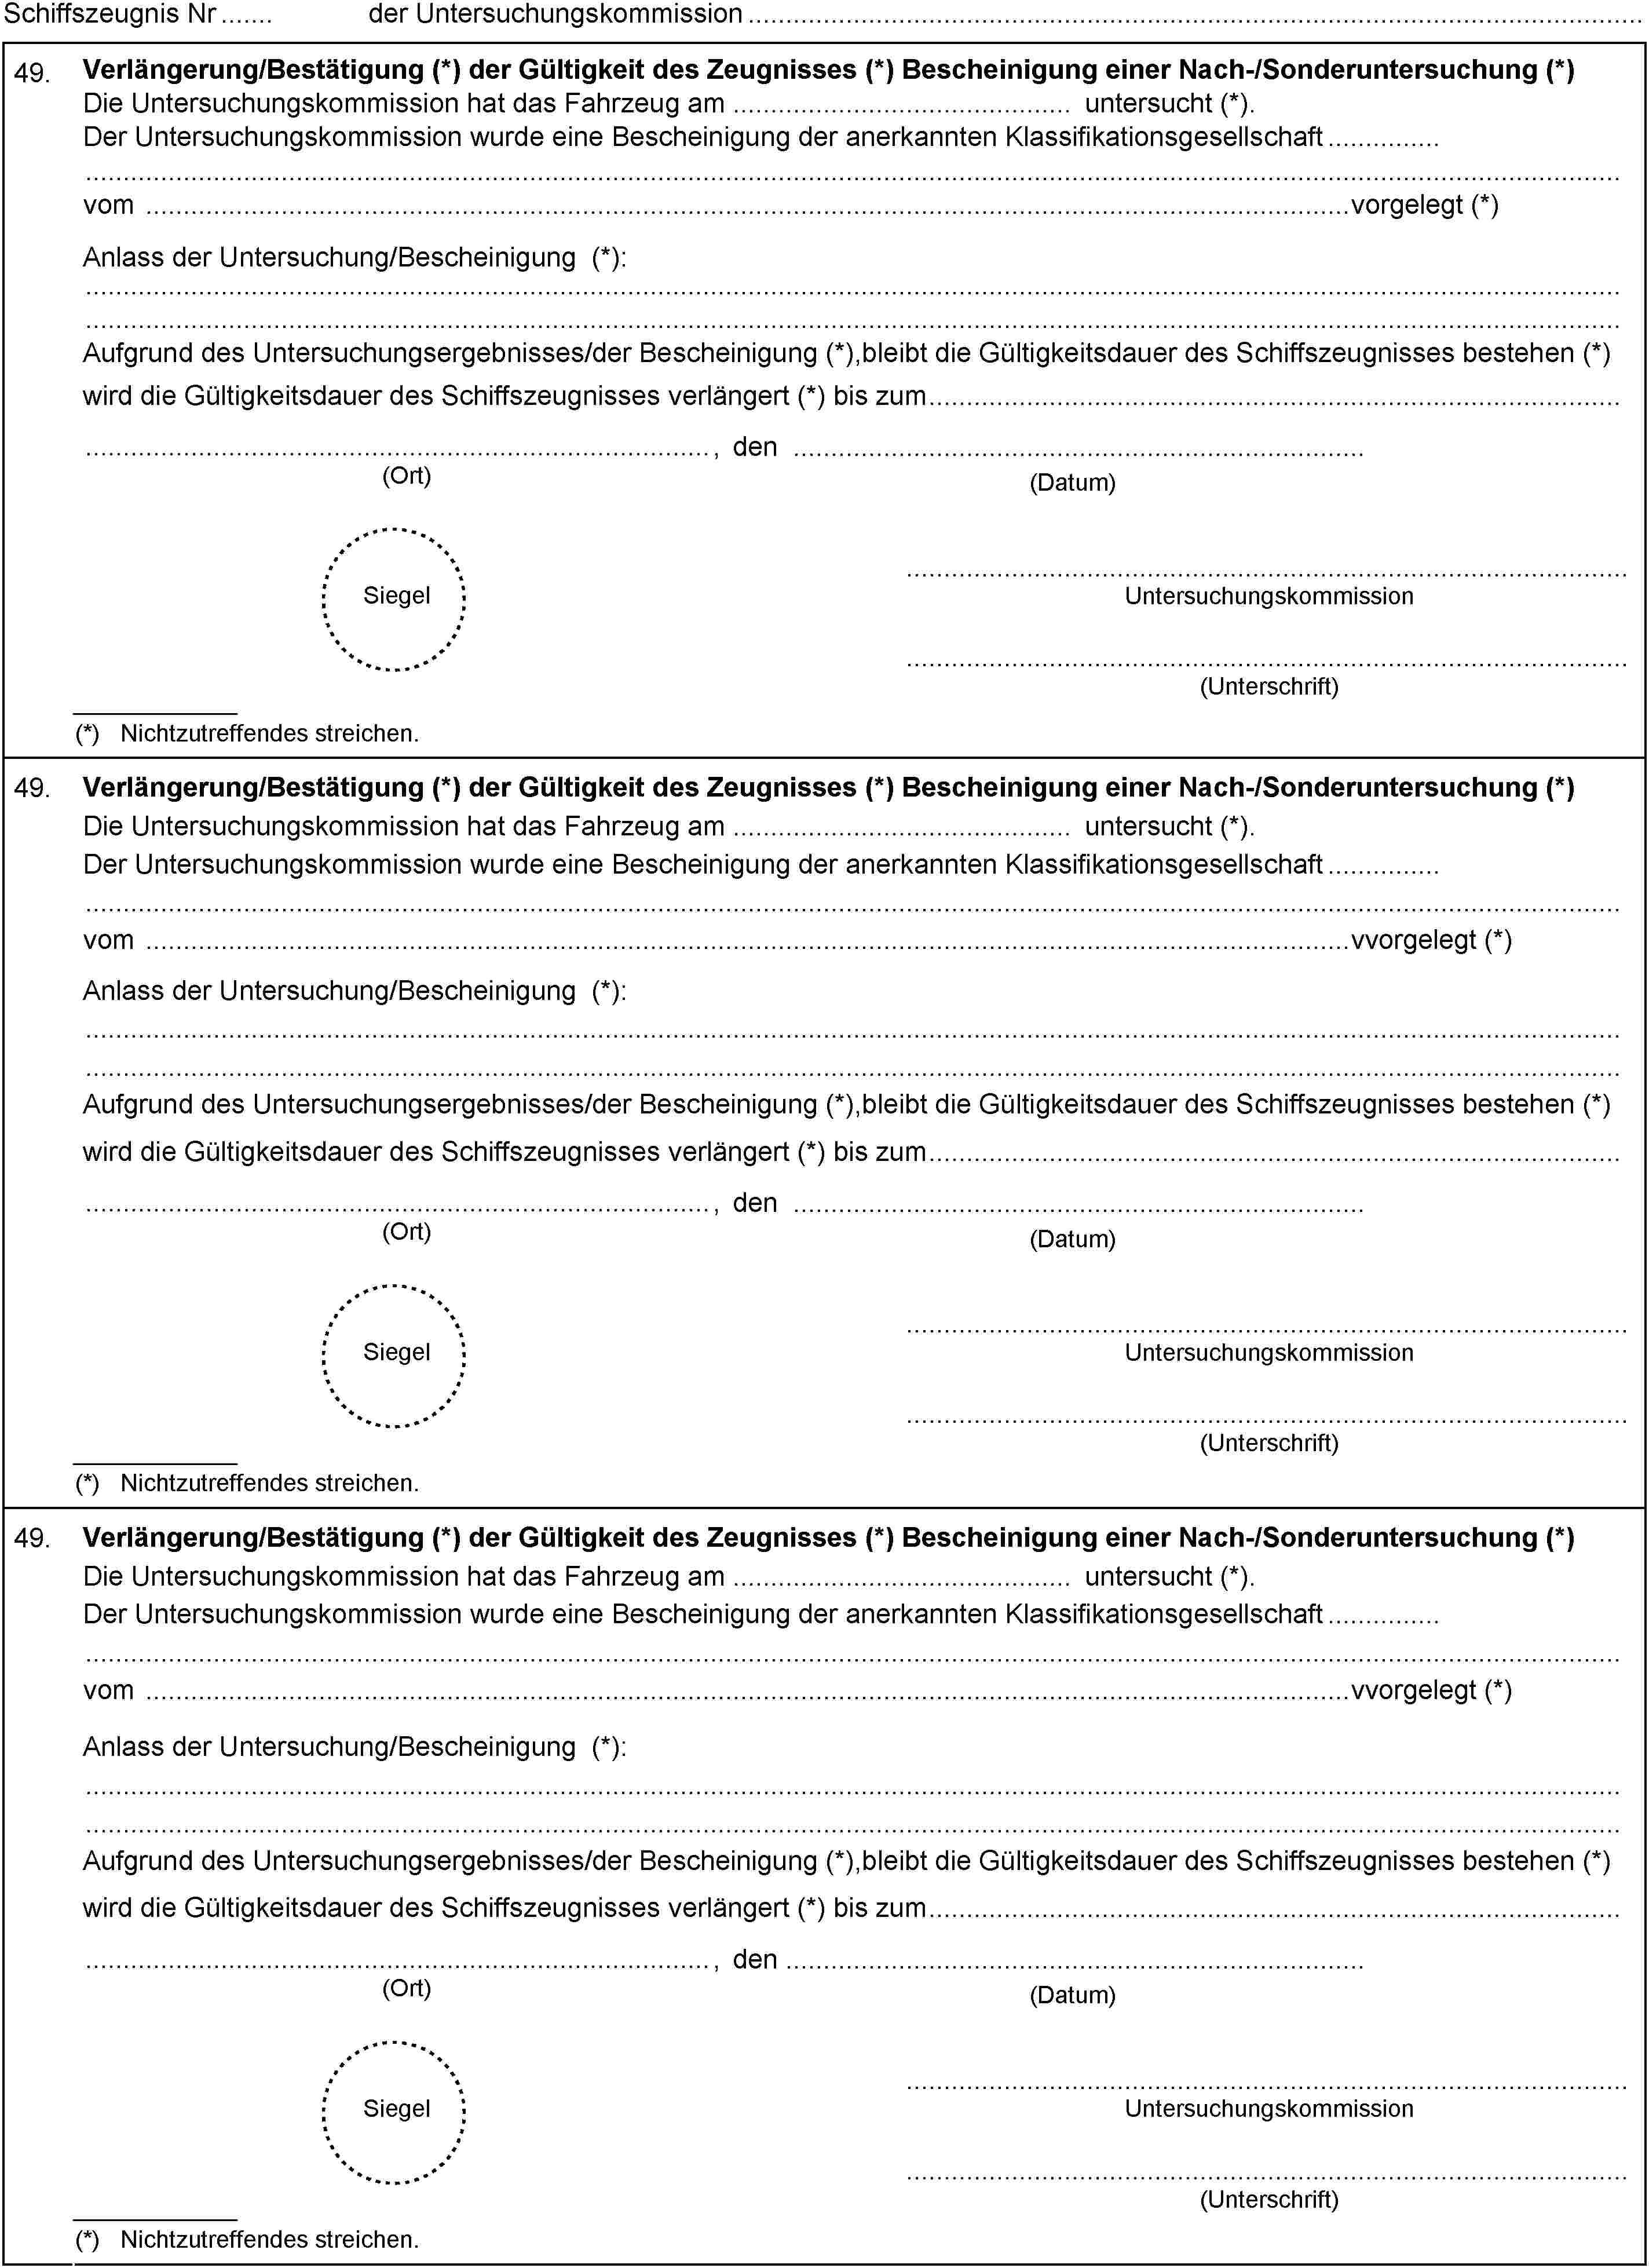 EUR-Lex - 02006L0087-20090430 - EN - EUR-Lex